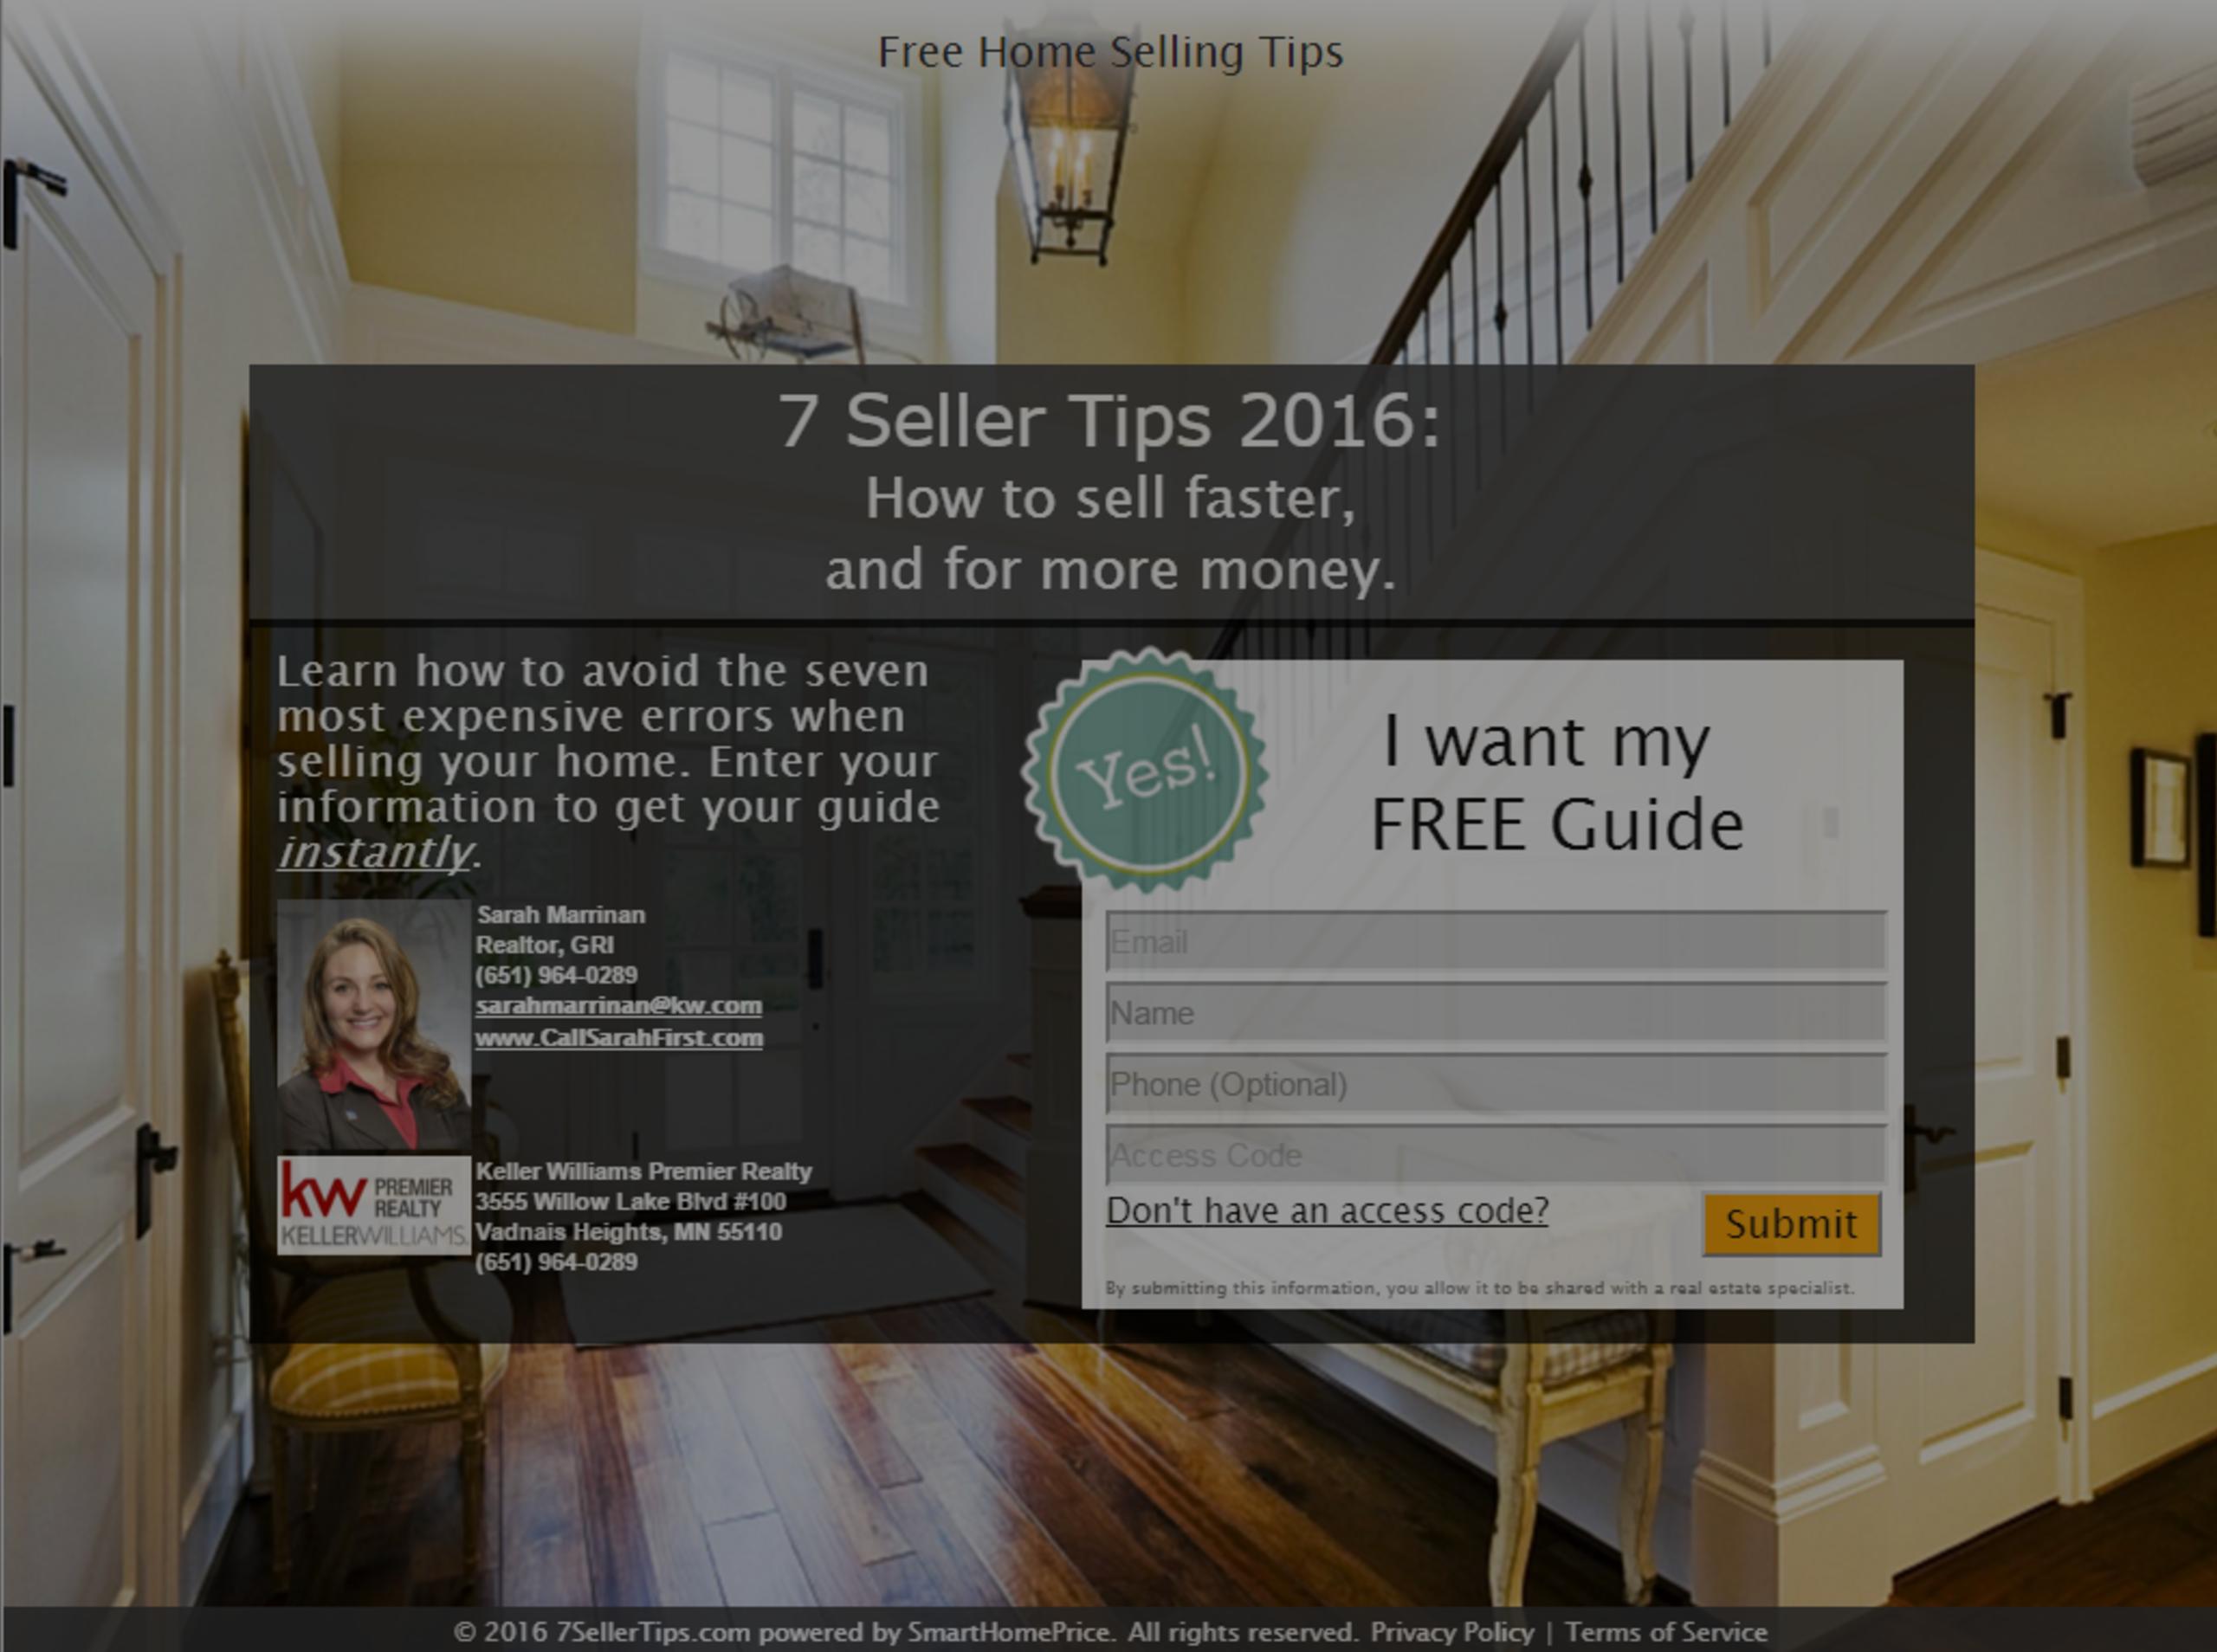 7 Seller Tips for 2016